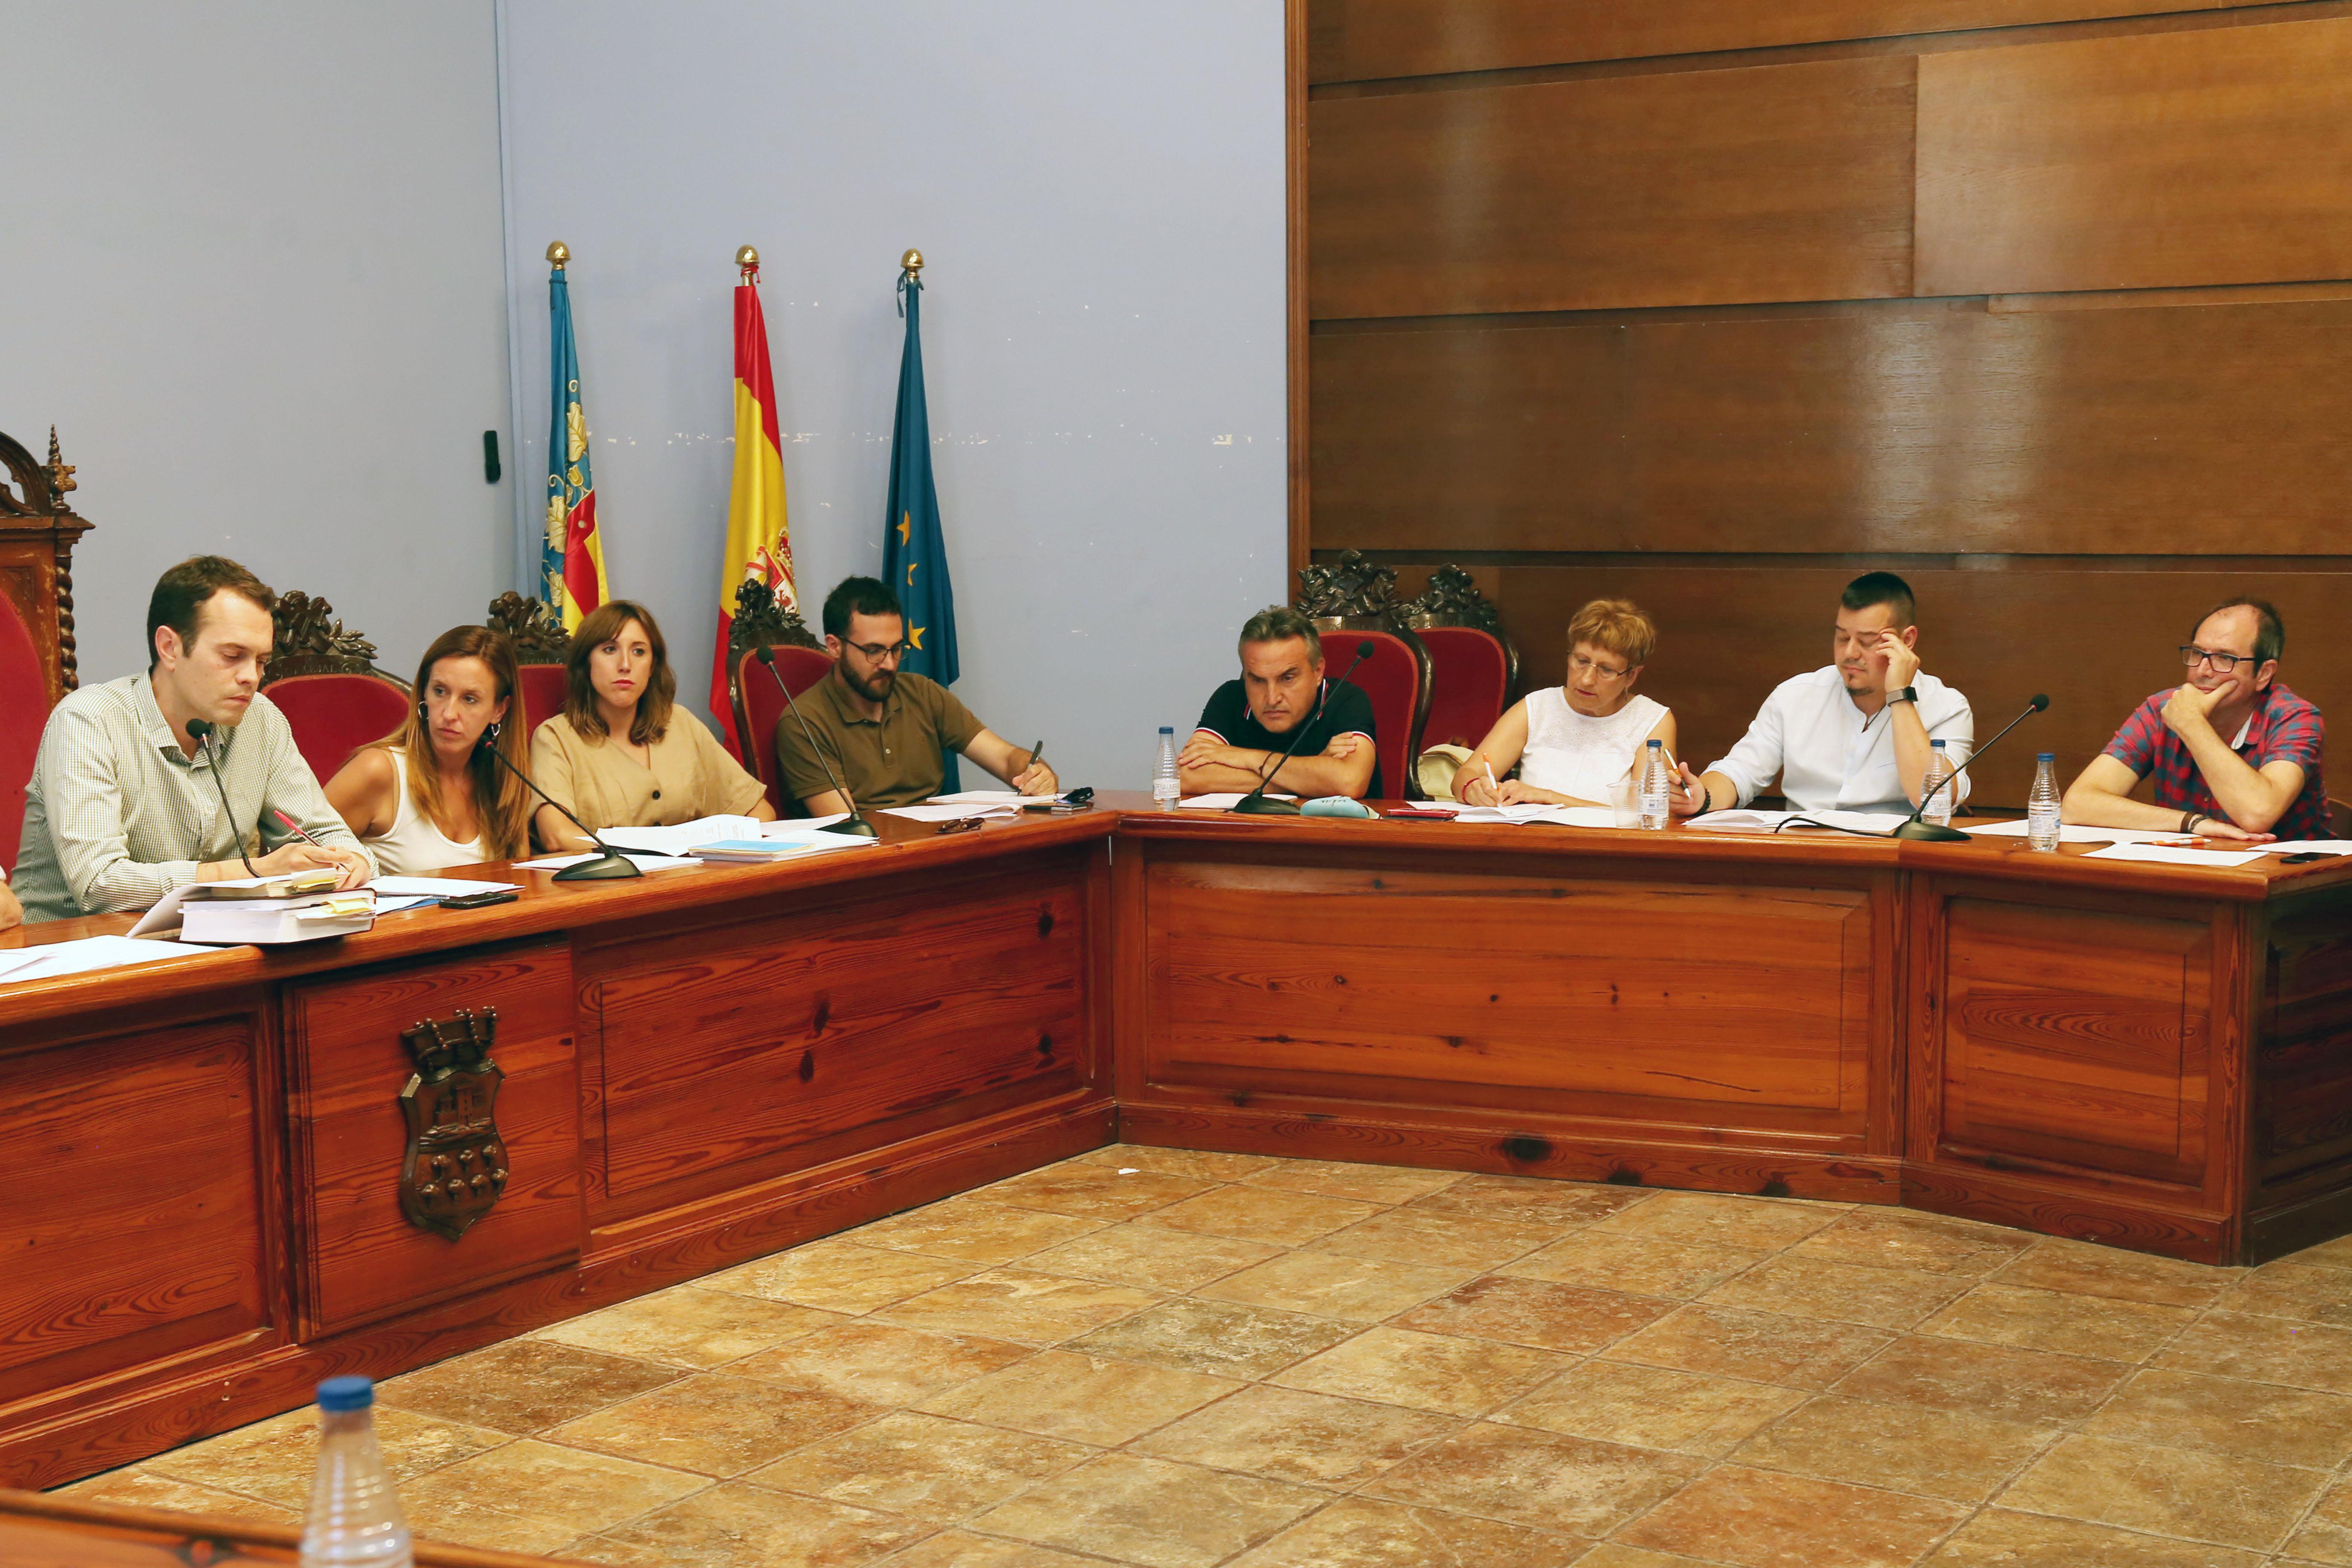 Equipo de gobierno del Ayuntamiento de Cheste.